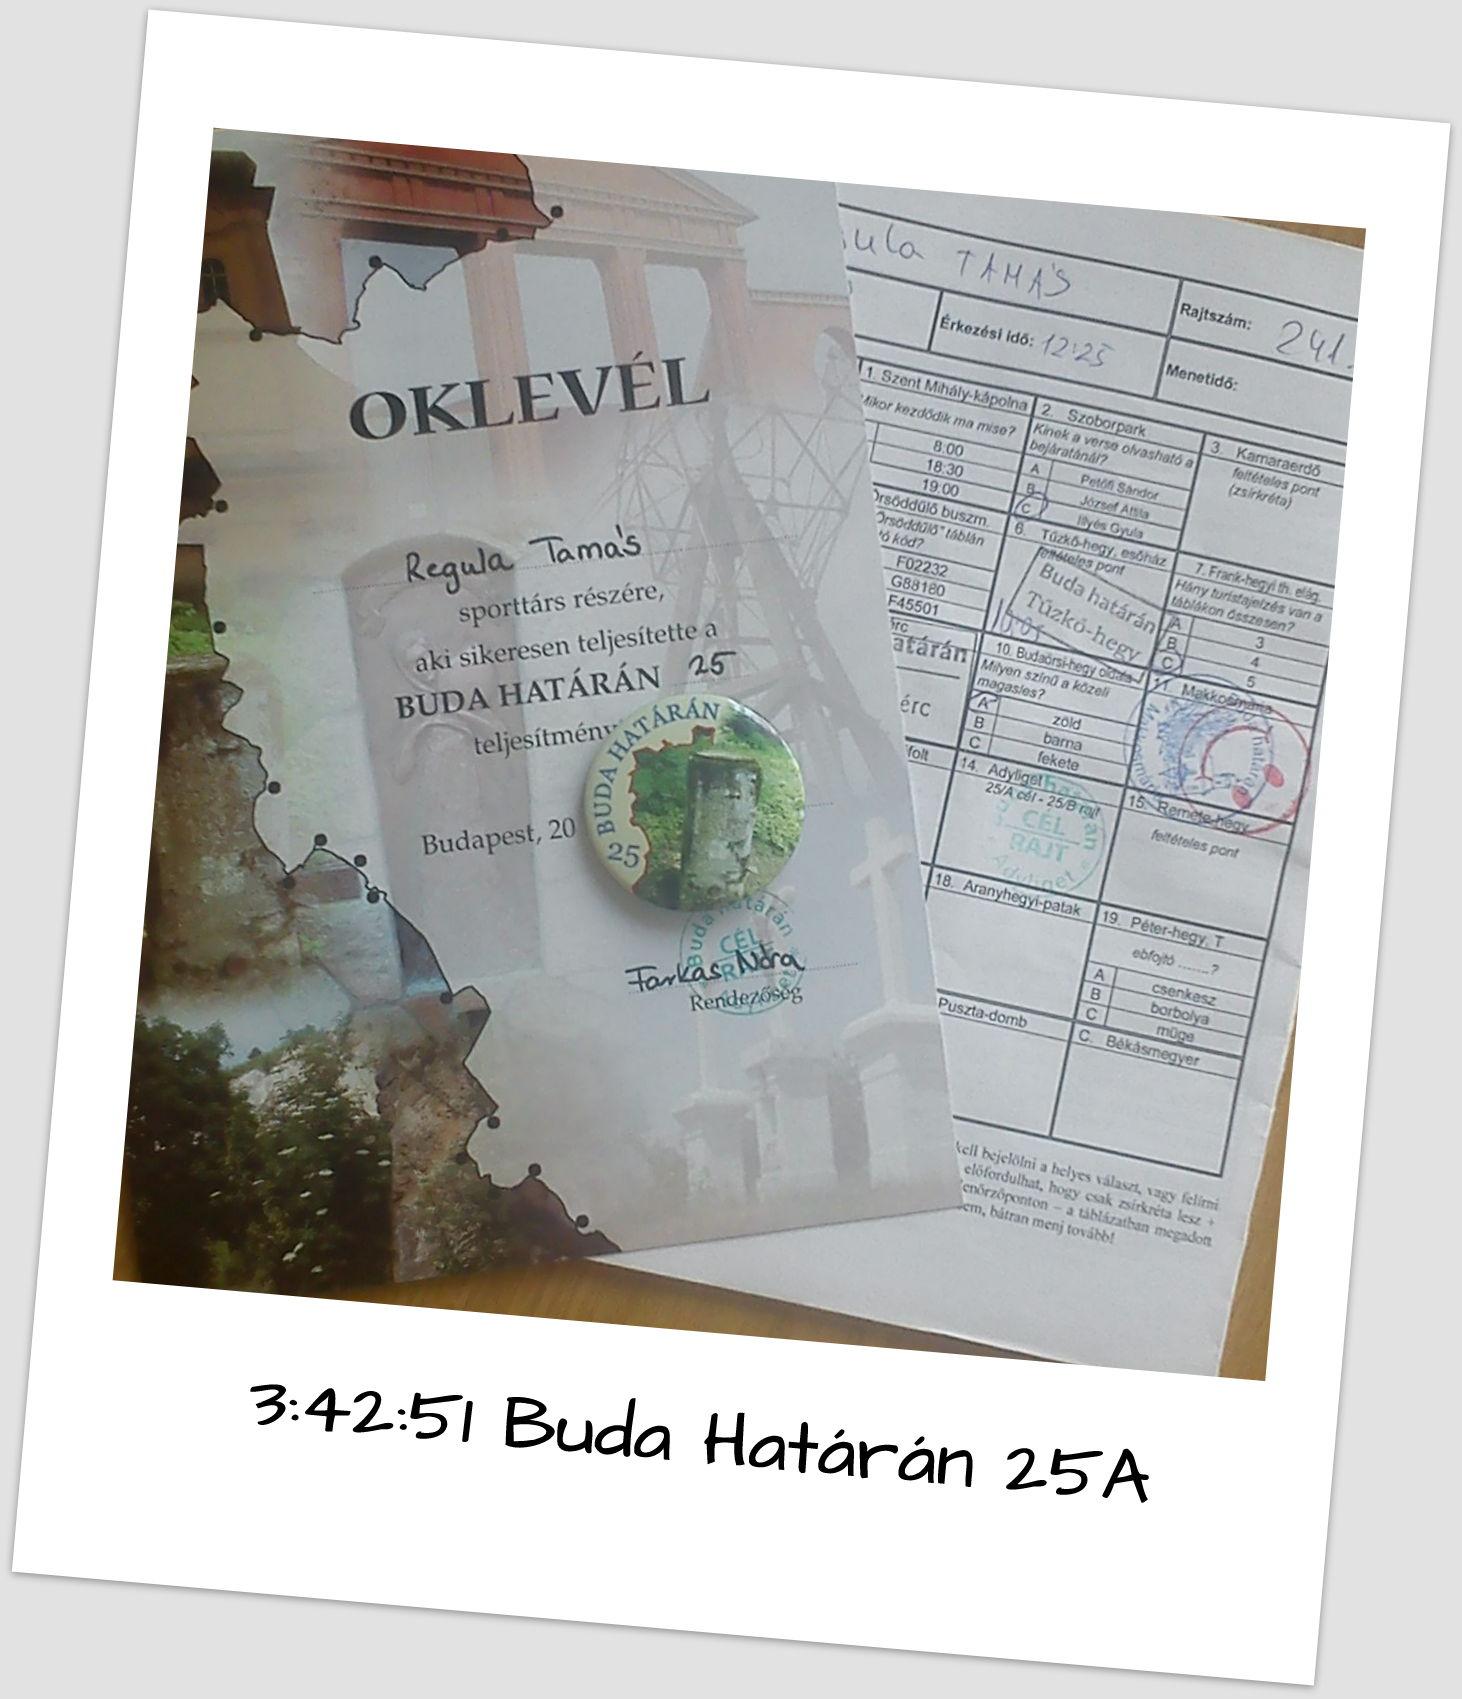 BH25A.jpg